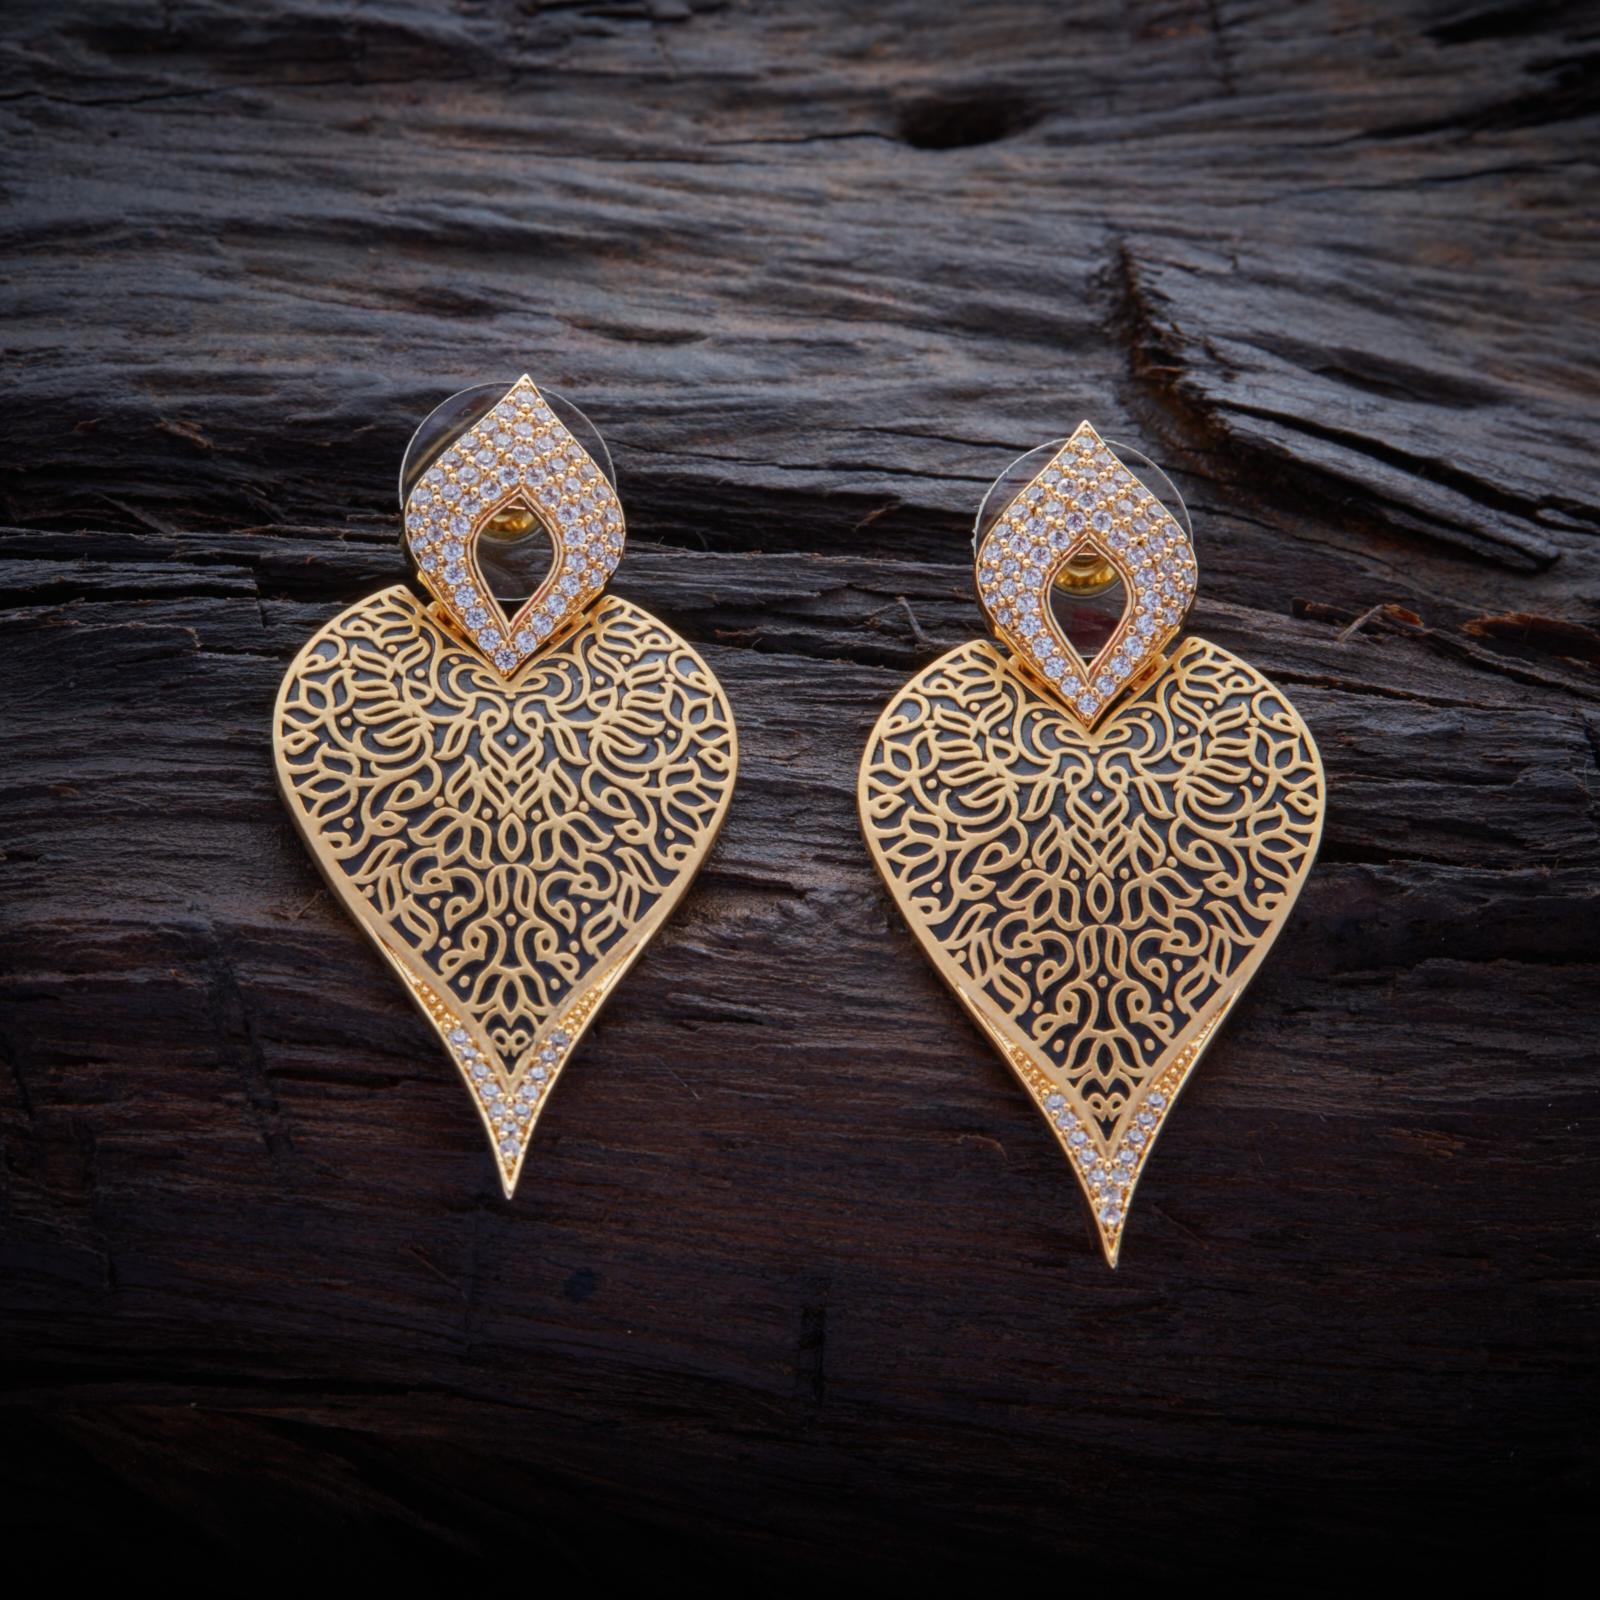 Fashionable Design CZ Zircon Stud earrings studded with synthetic ...